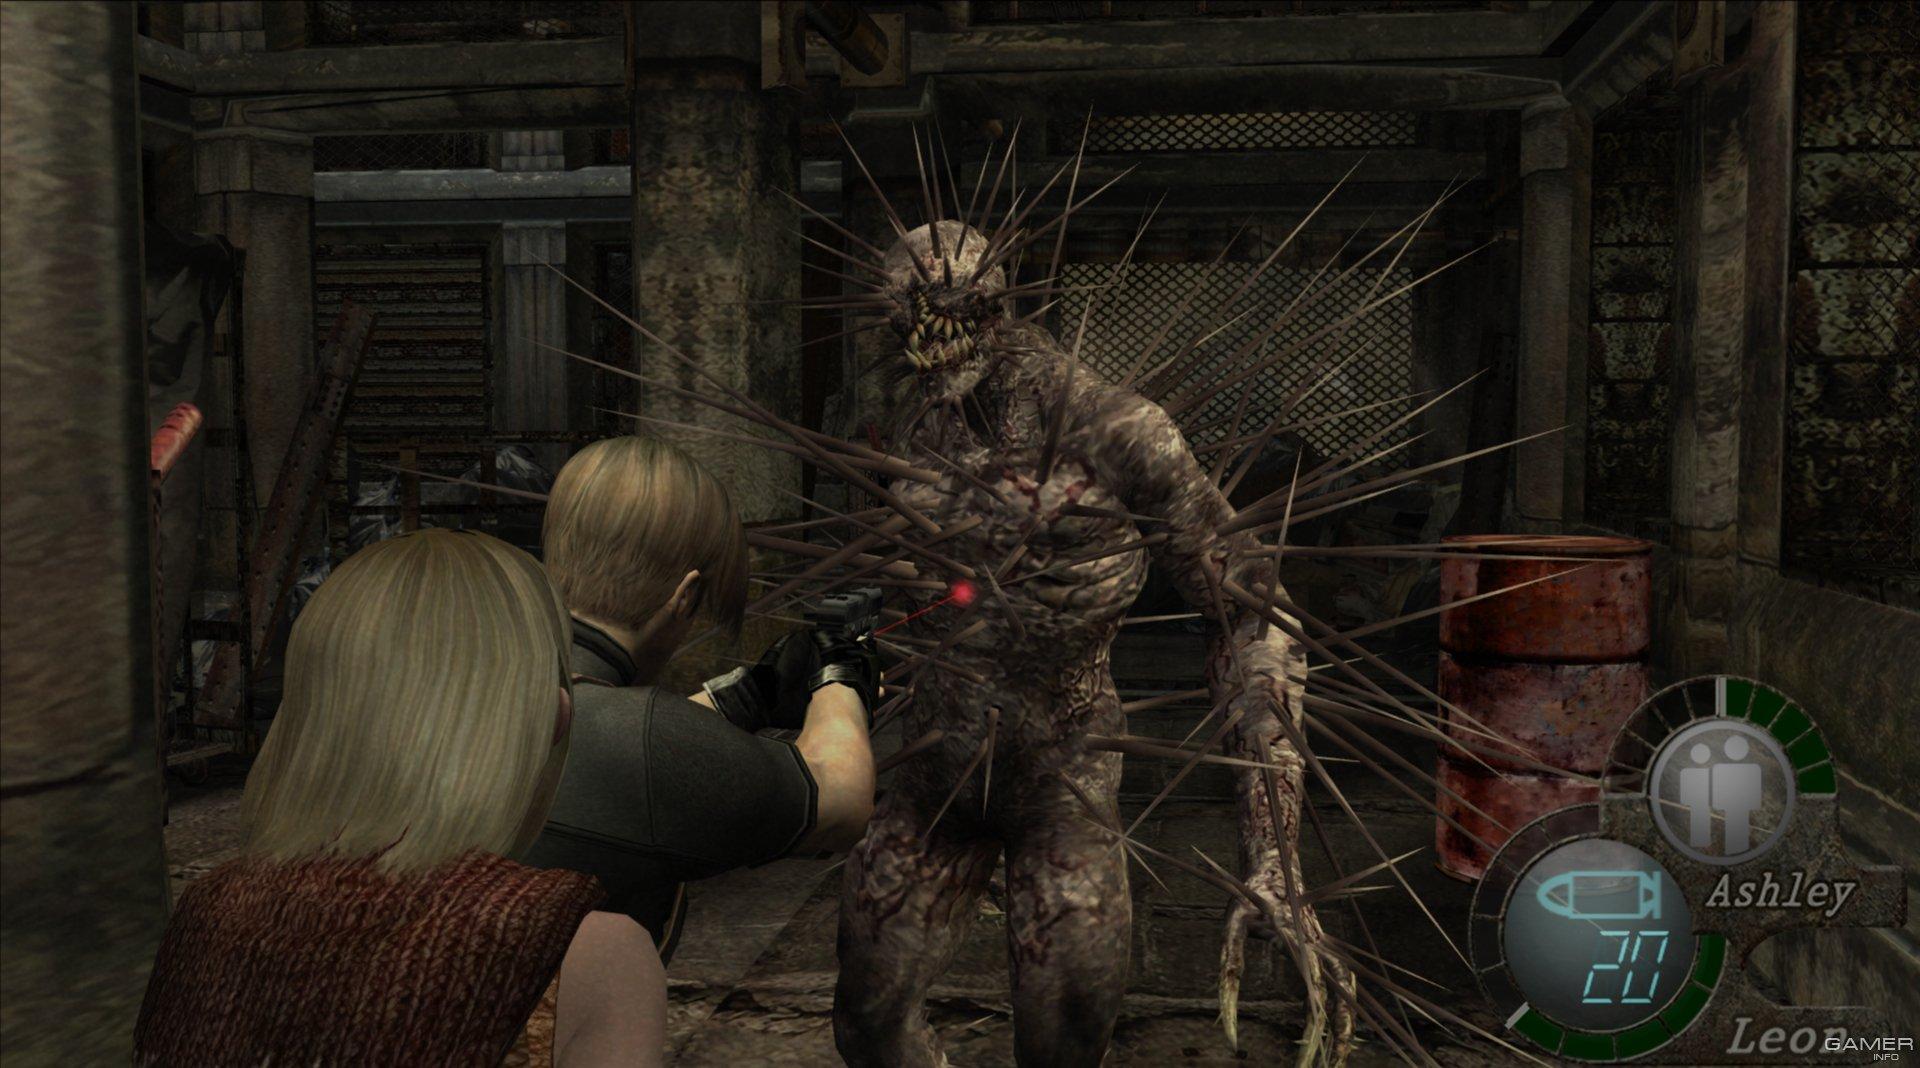 Resident Evil 4 (2005 video game)